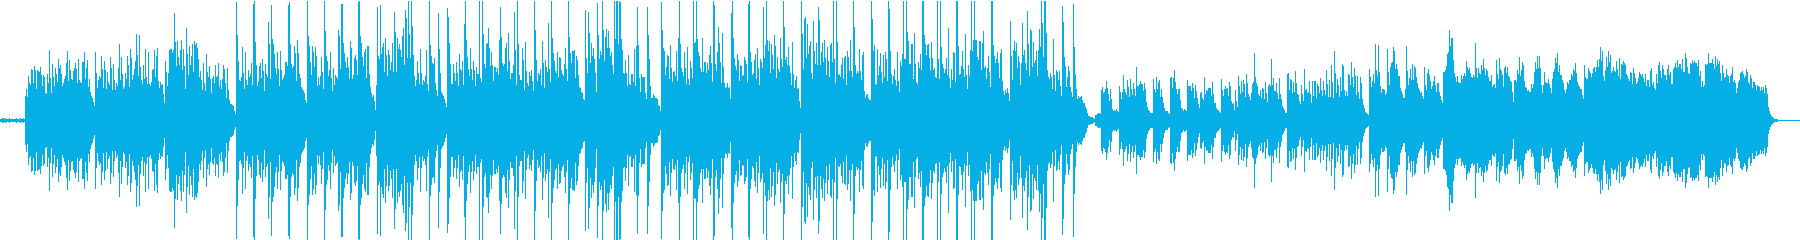 虚無的なエレクトロニカサウンドの再生済みの波形